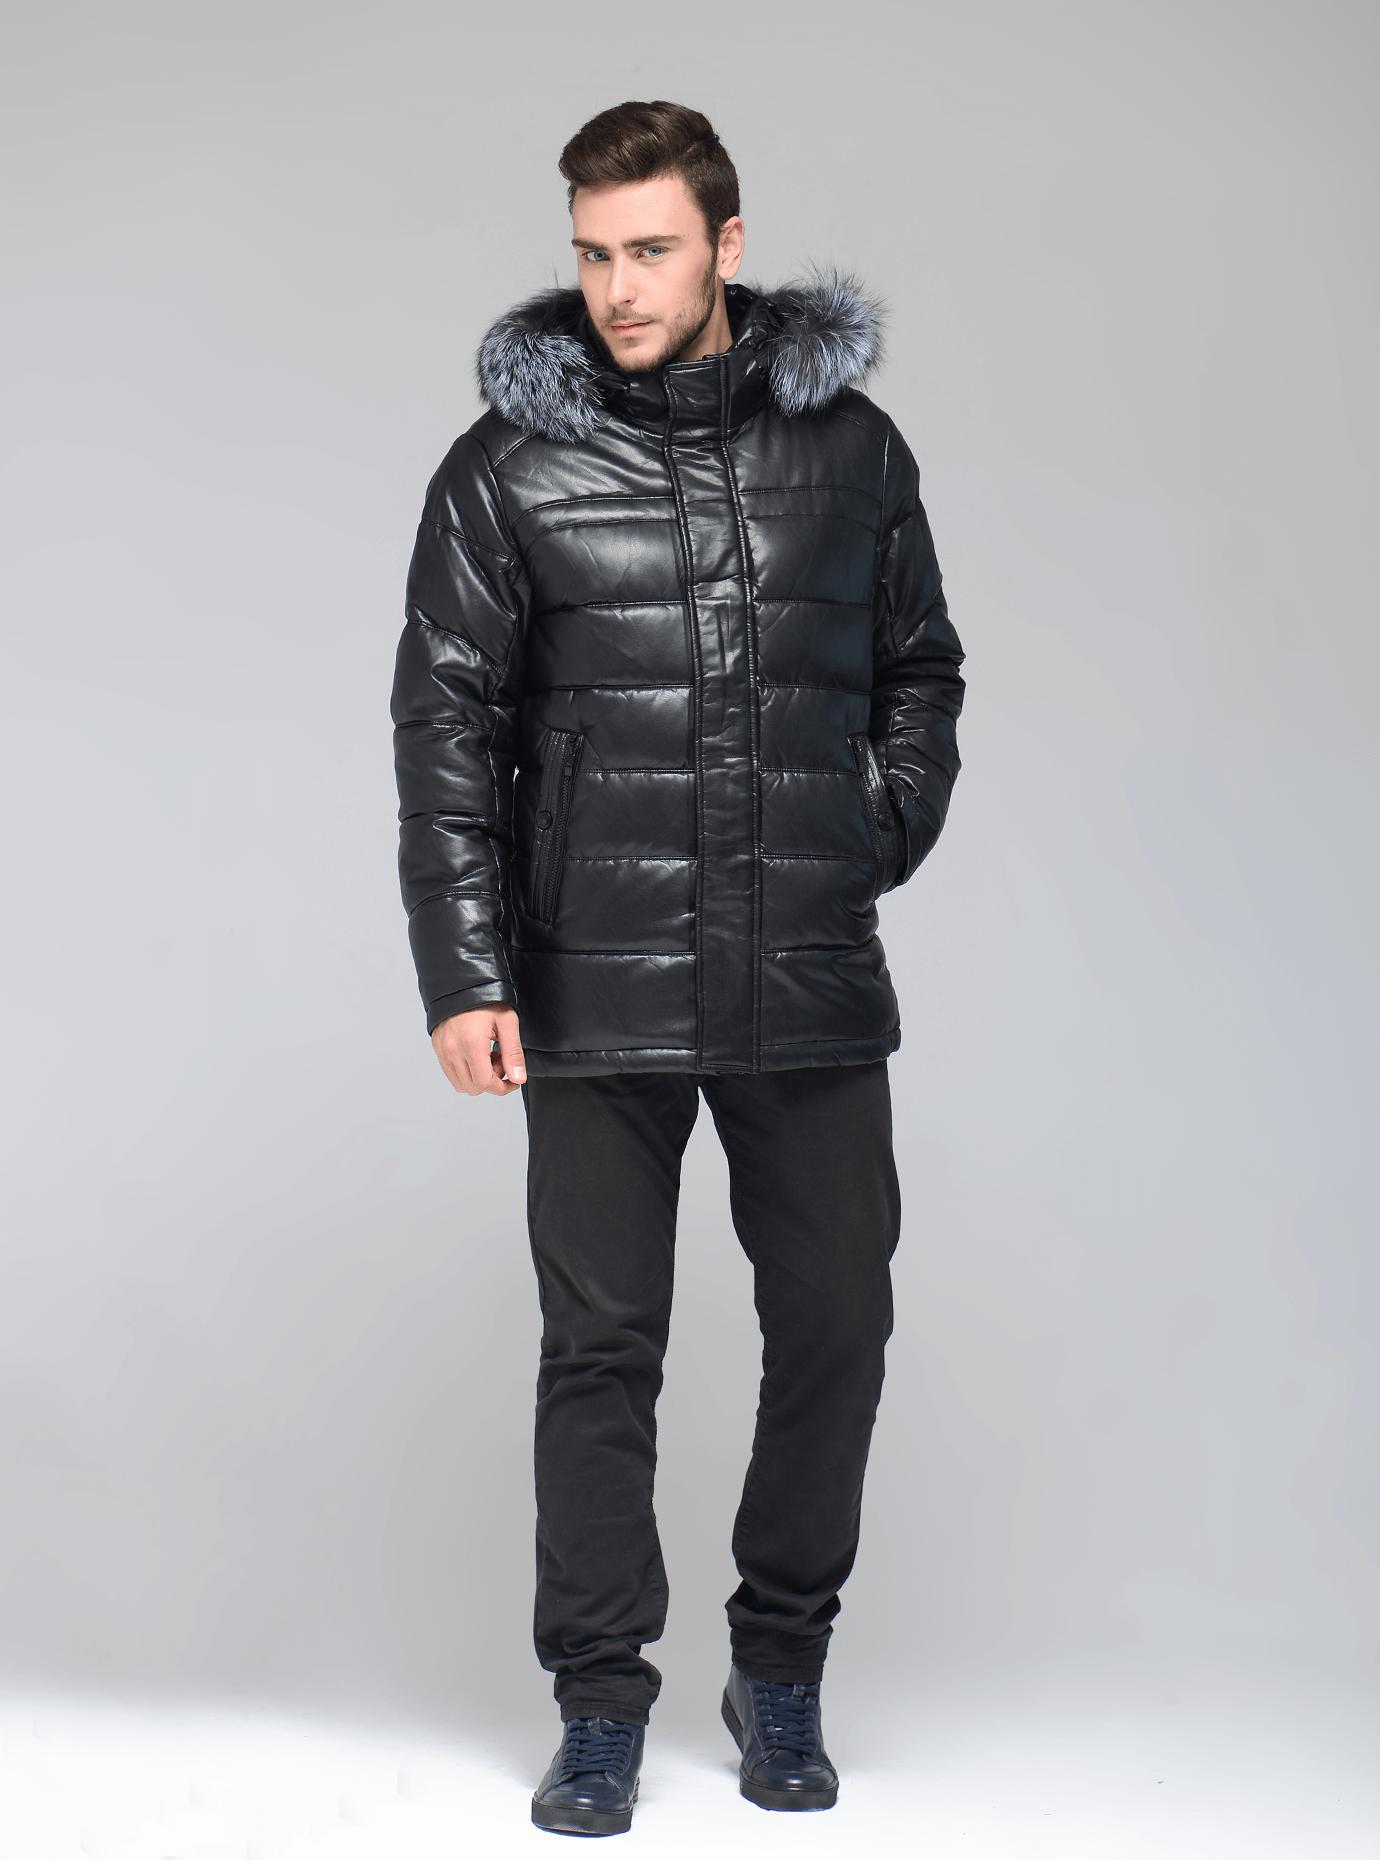 Куртка мужская зимняя мех чернобурка Чёрный 46 (02-MR19072): фото - Alster.ua